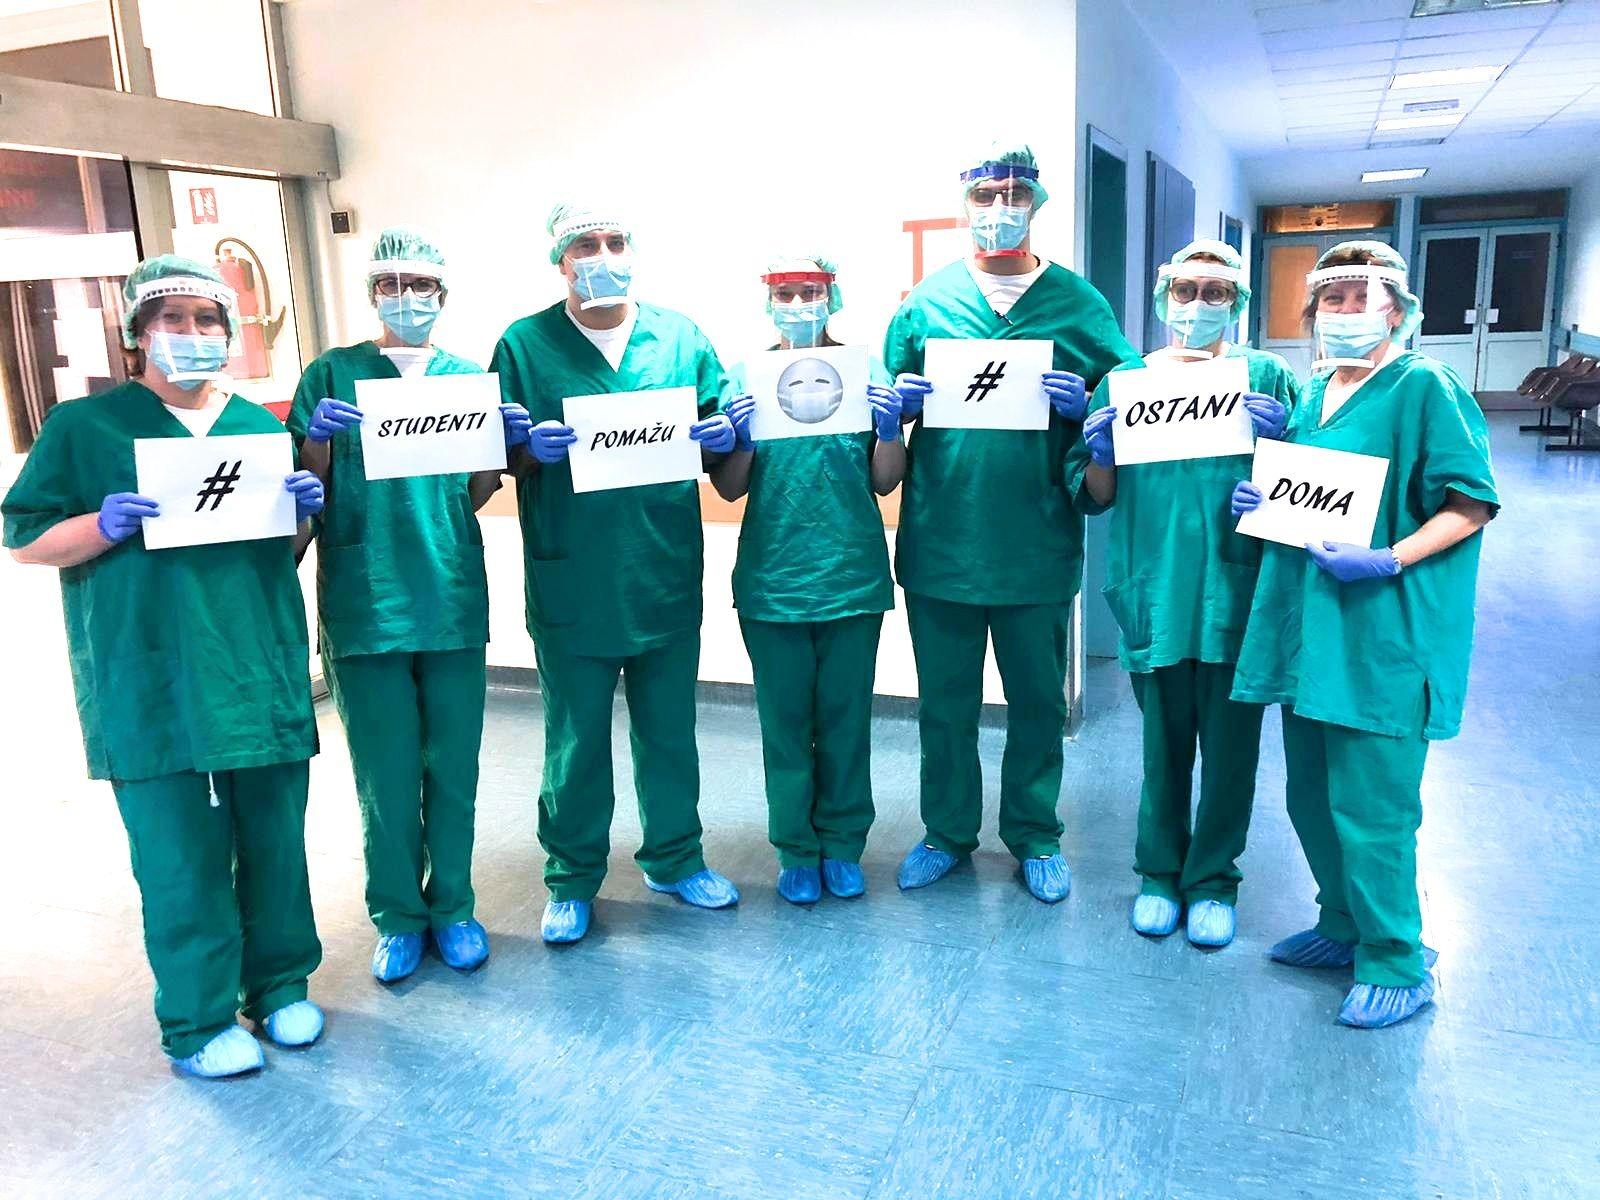 Zaštitni viziri koje su studenti isprintali za zagrebačke liječnike